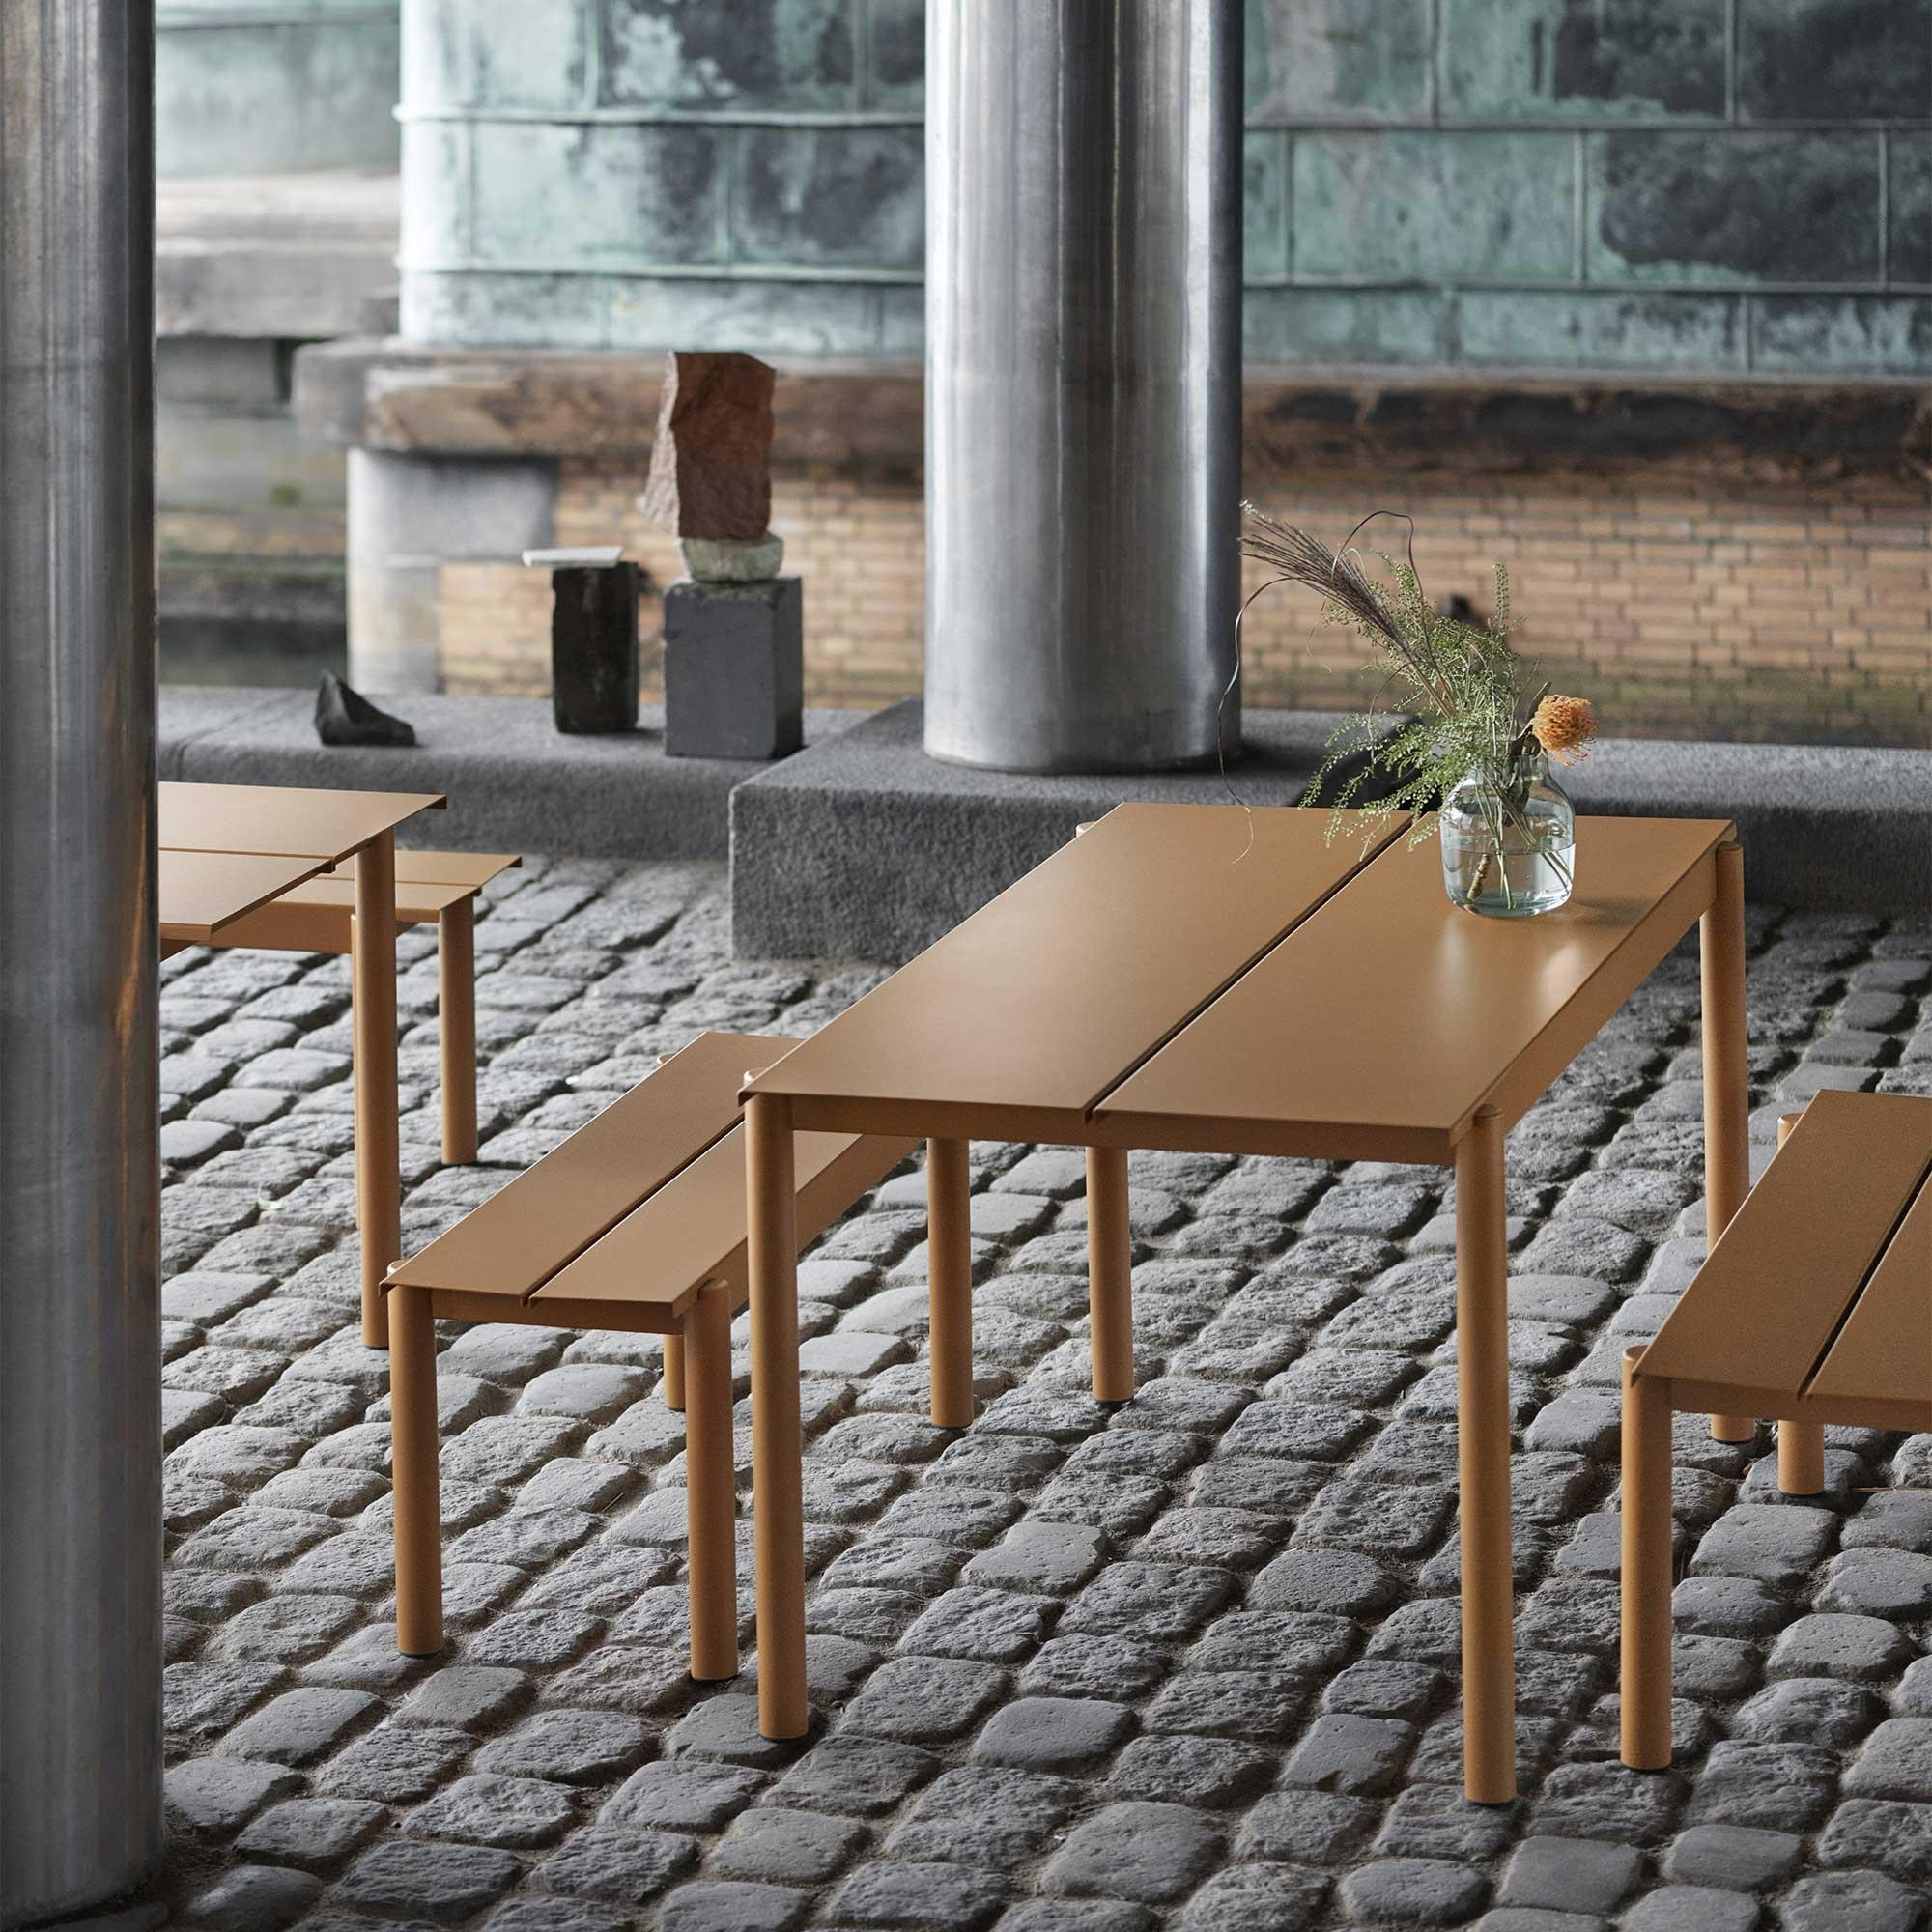 Muuto Linear Steel Gartentisch 140x75cm 2000x2000 ID d3c5b9c09dfe daf851eec